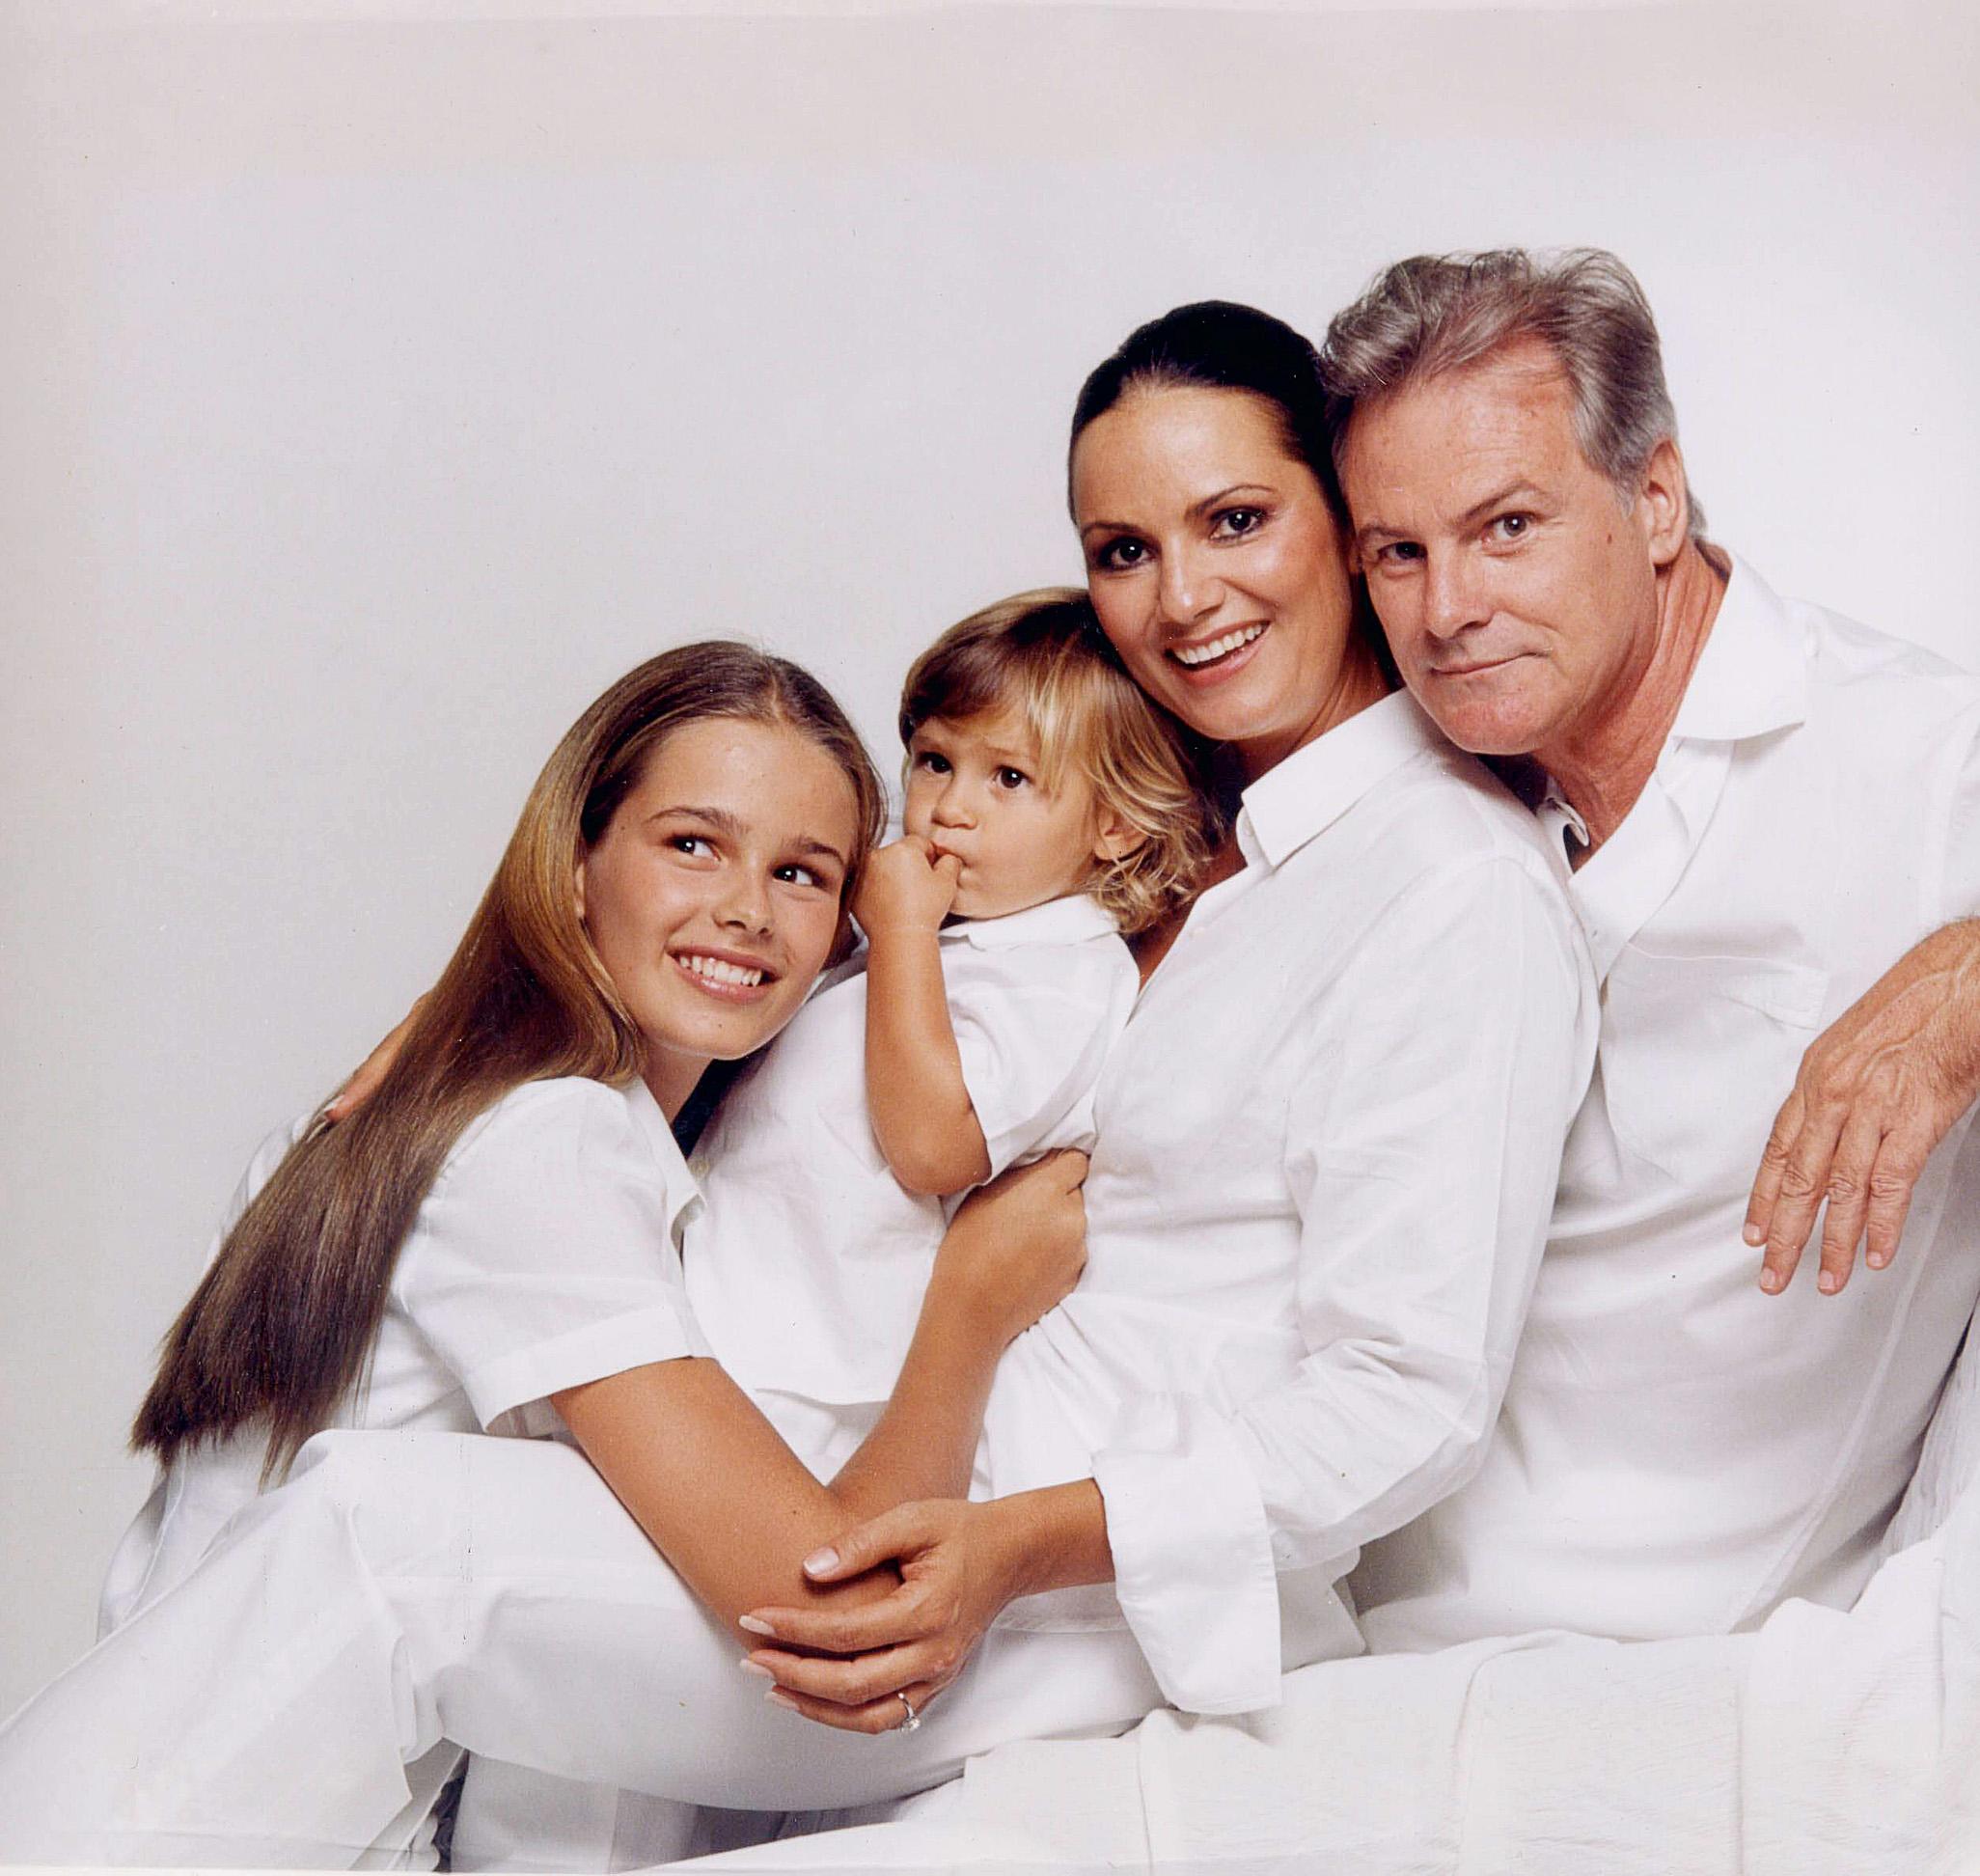 família reunida: Yasmin, Antônio, Luiza e Armando, em 2000